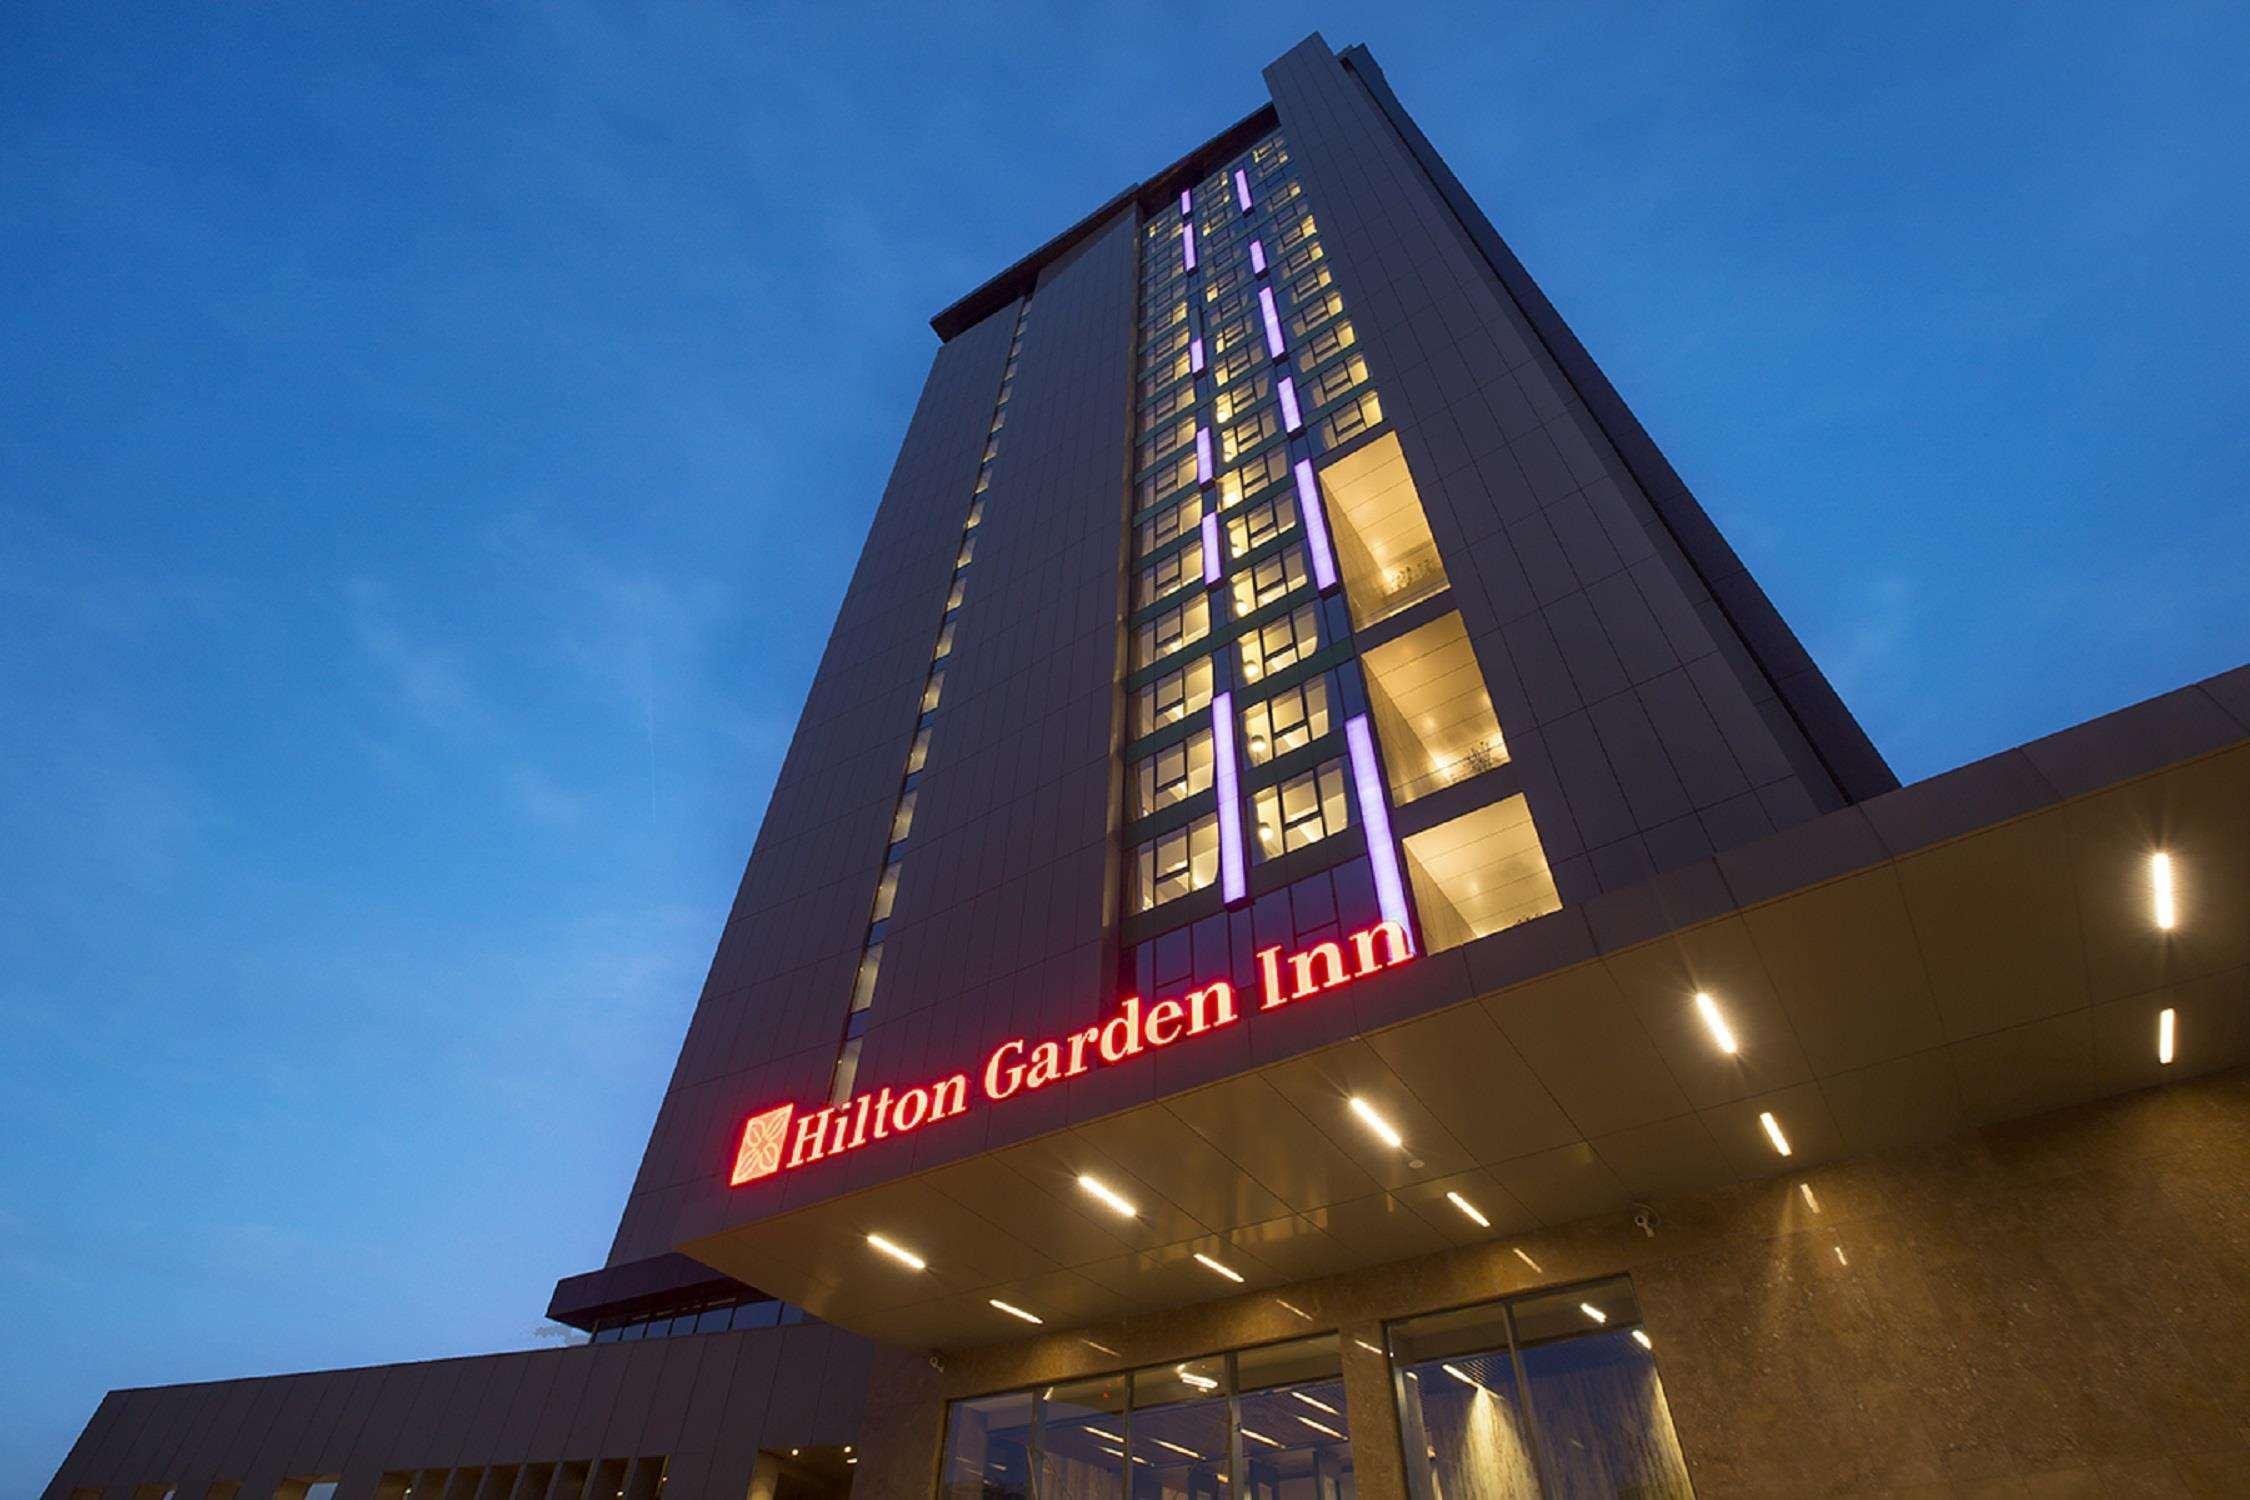 Hilton Garden Inn, Bahçelievler